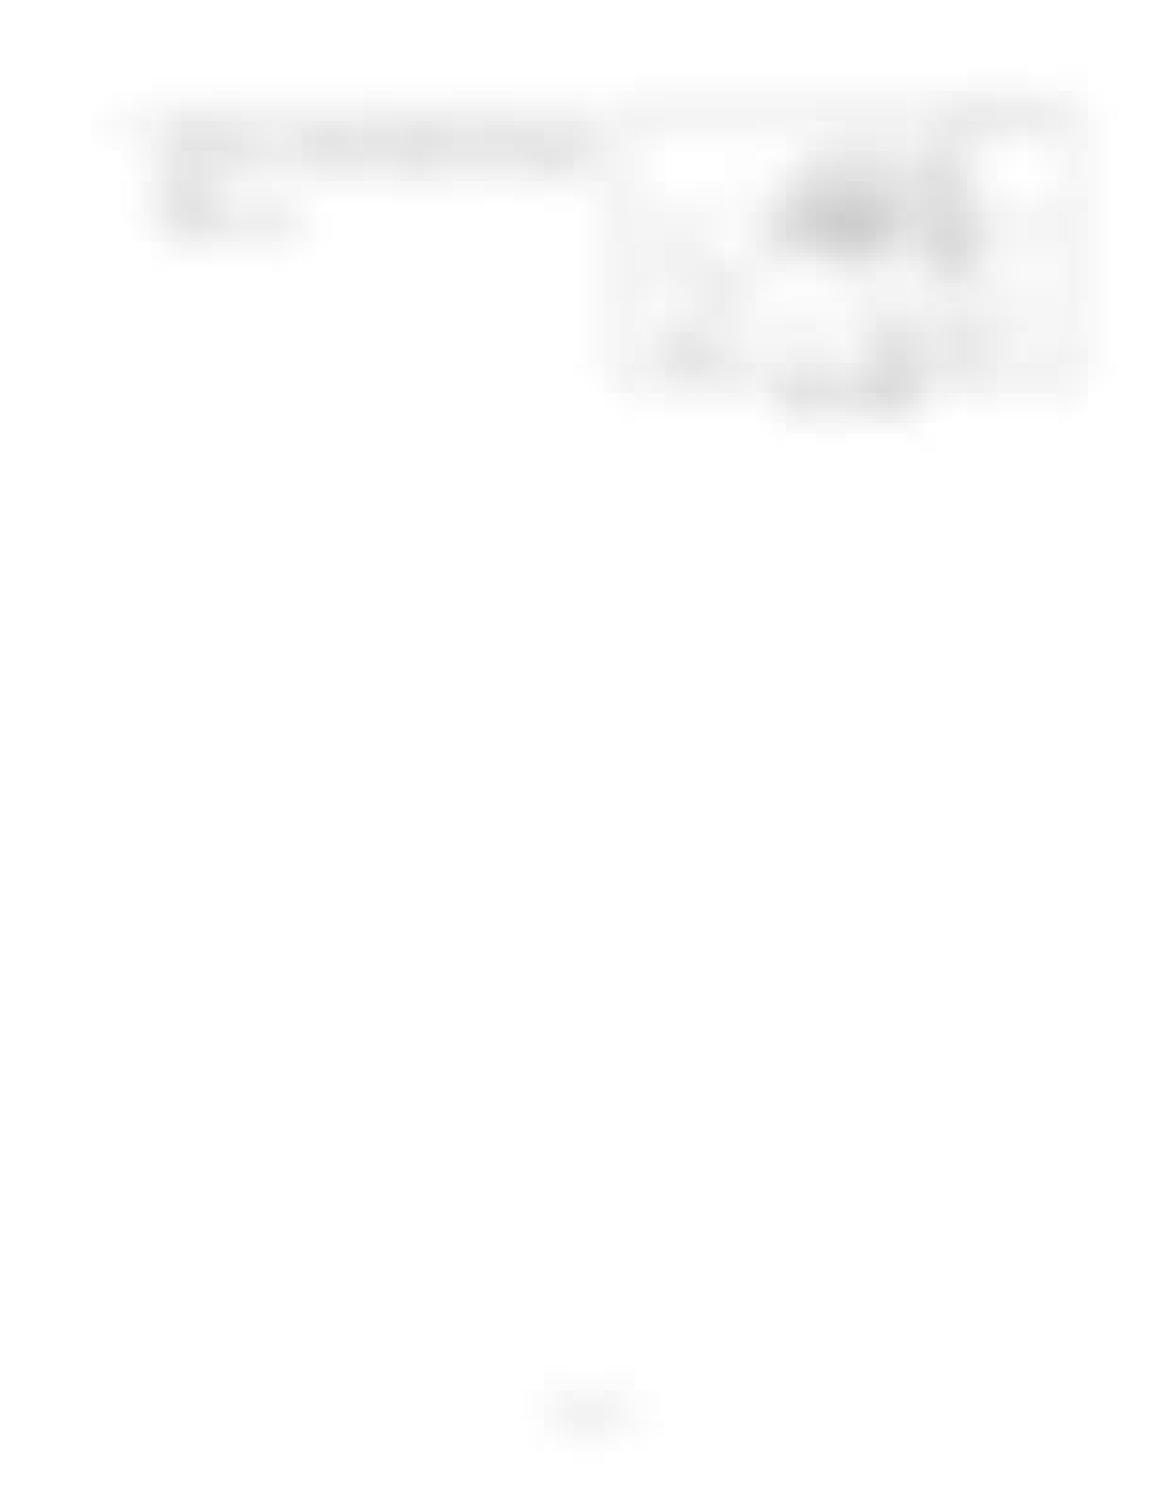 Hitachi LX110-7 LX130-7 LX160-7 LX190-7 LX230-7 Wheel Loader Workshop Manual - PDF DOWNLOAD page 85